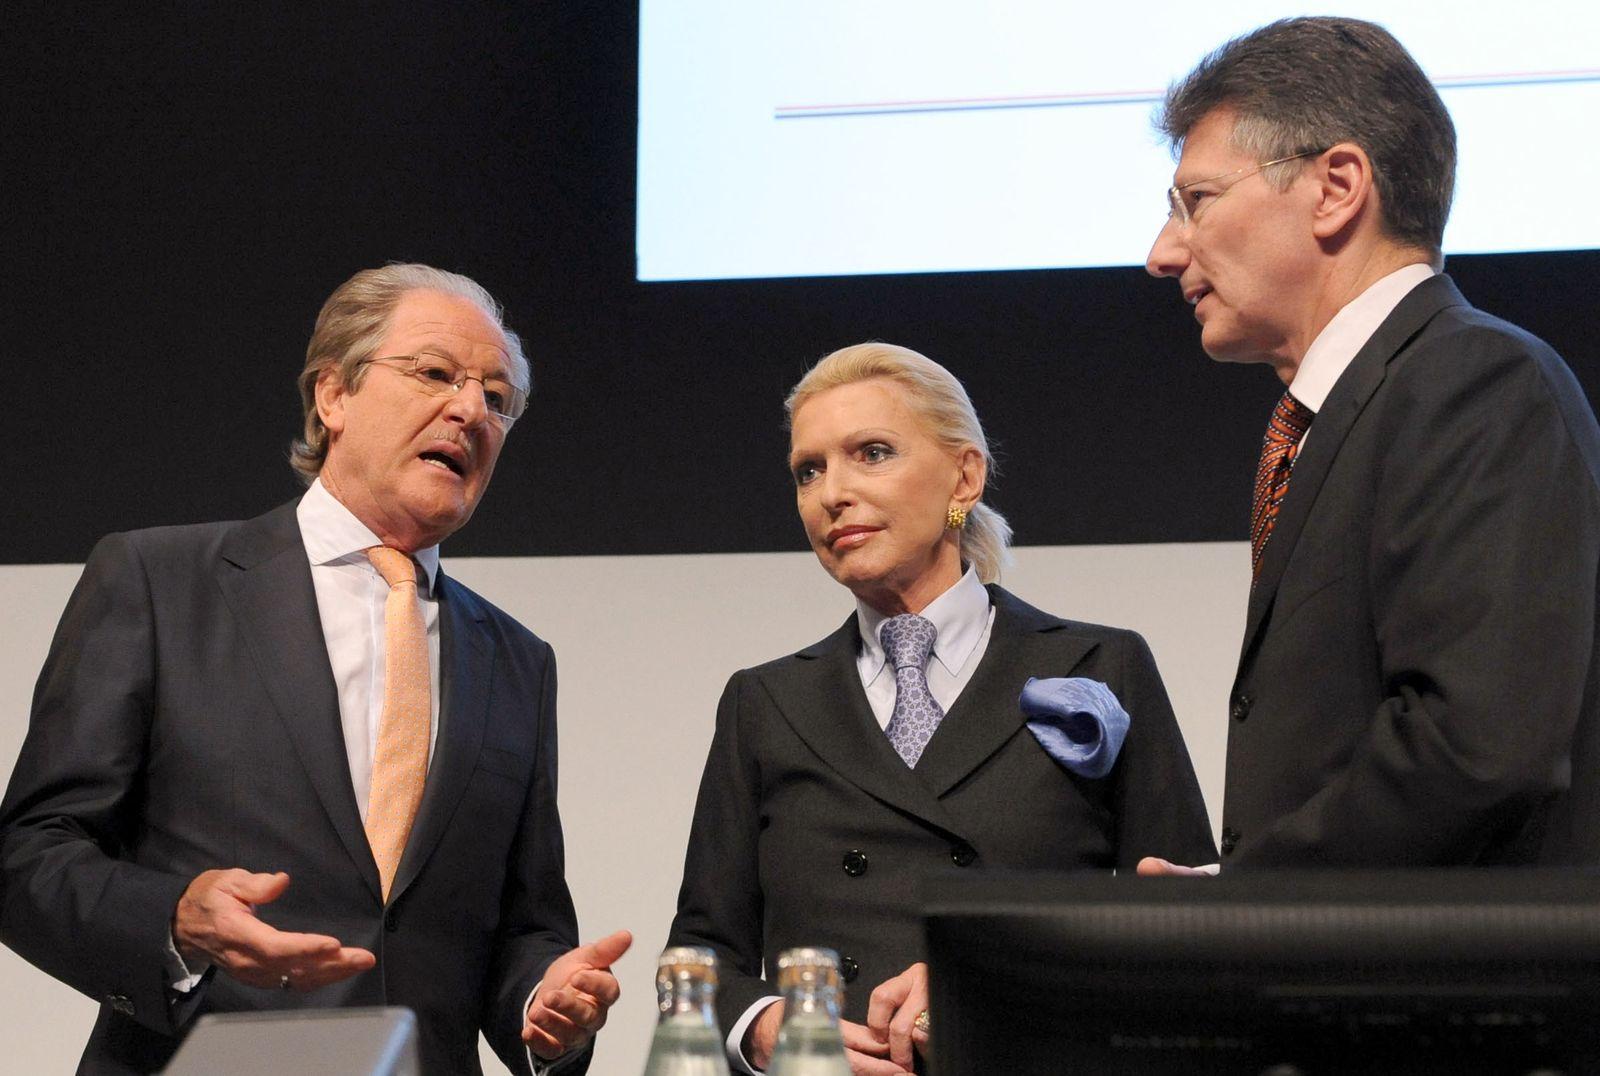 Hauptversammlung Continental AG; Reitzle; Schaeffler; Degenhart